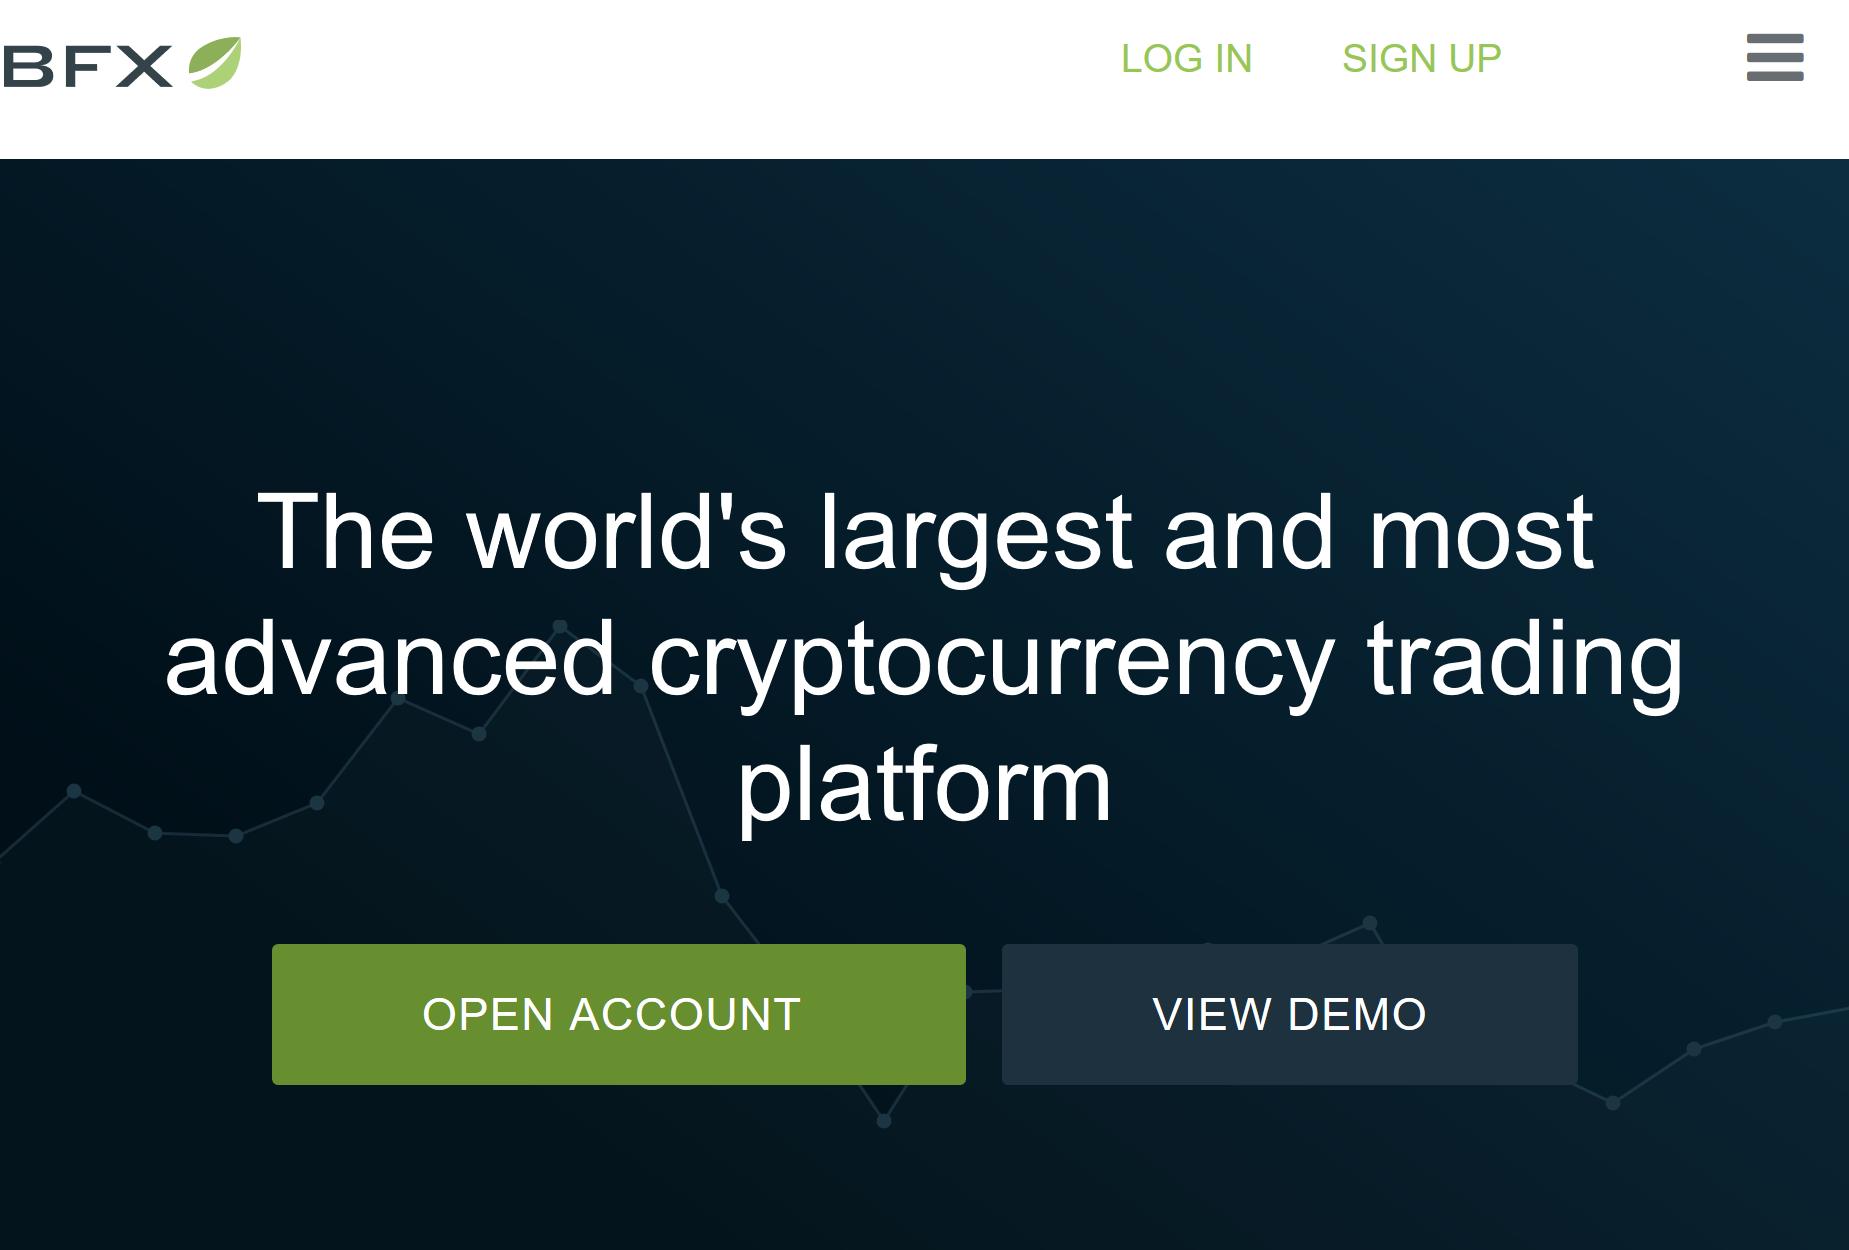 Wie bereits im vorherigen Abschnitt erwähnt nutzen wir Bitfinex als Börse um Ethereum in IOTA einzutauschen Eine Zertifizierung entfällt einfach einen